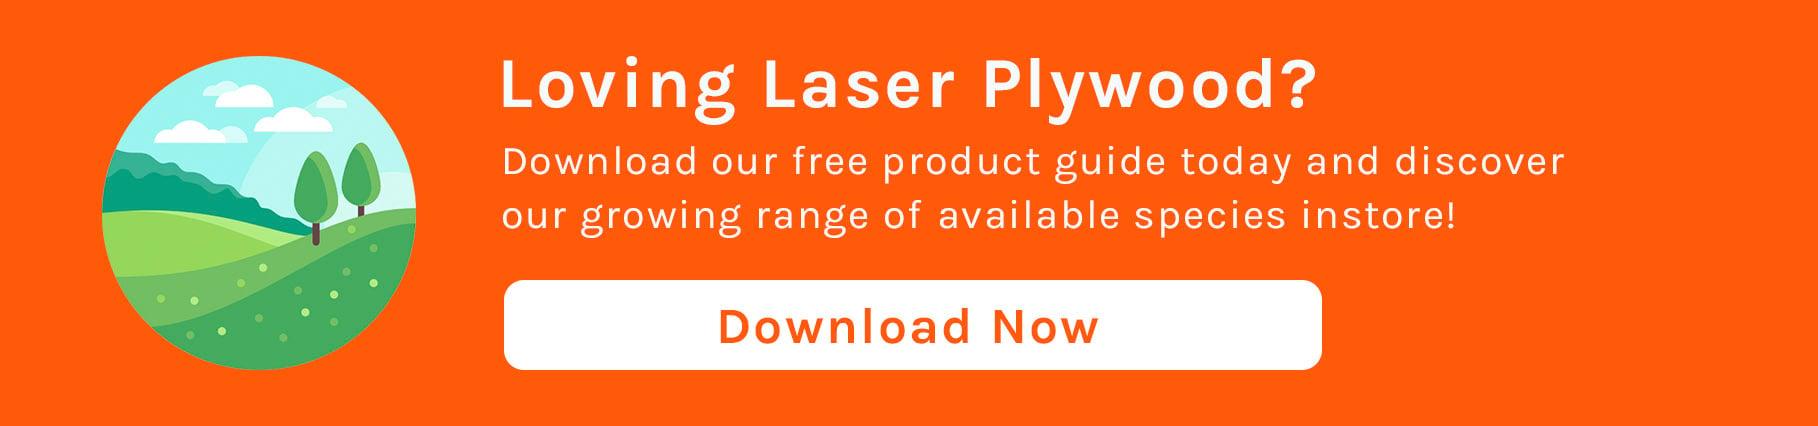 laser-plywood-brochure-download-1